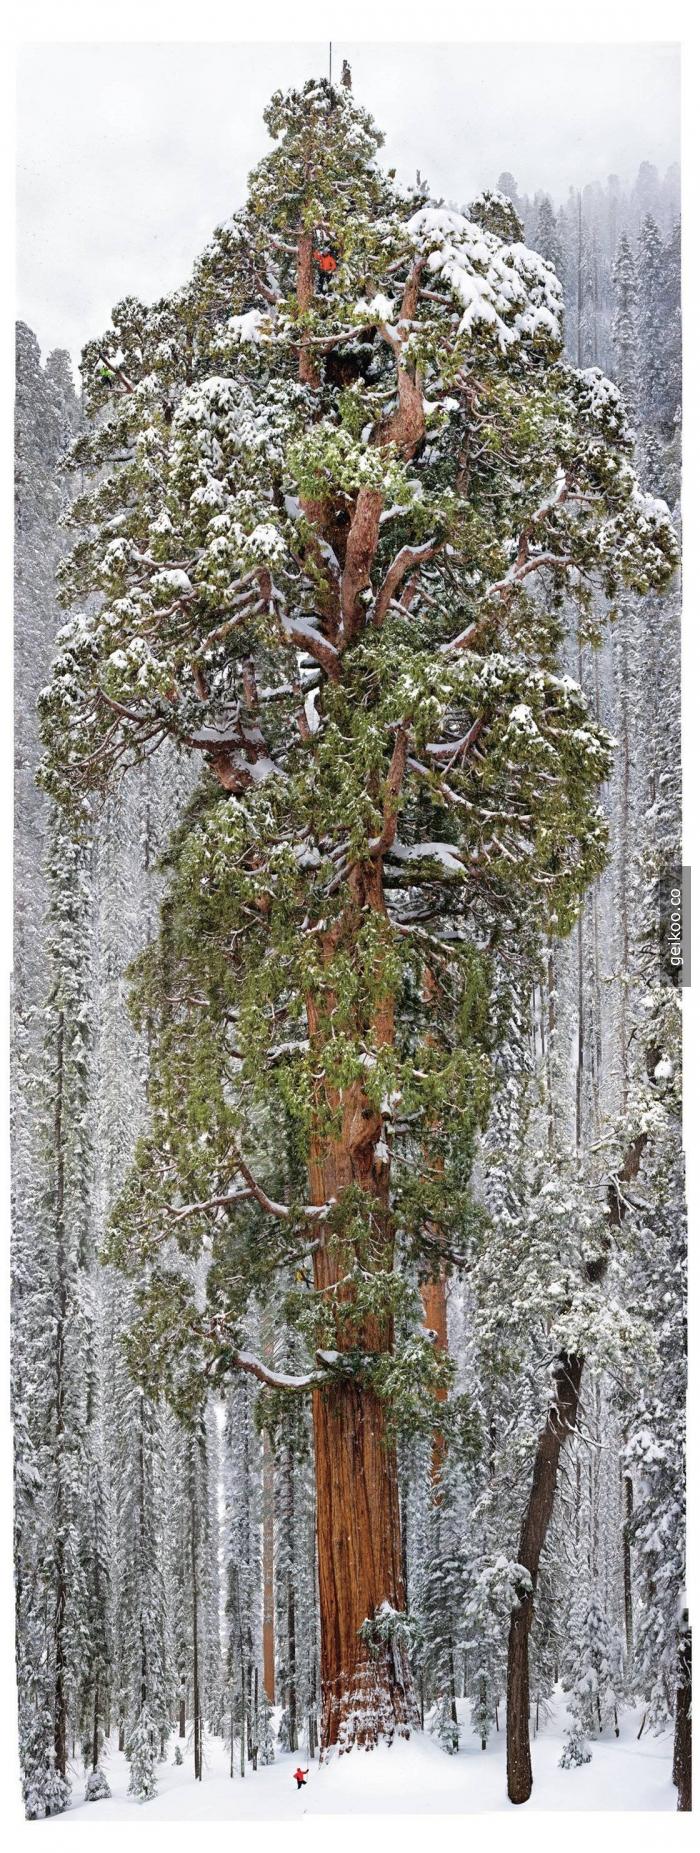 California, Sequoia Ulusal Park'ta bulunan 3200 yıllık ağacın fotoğrafı